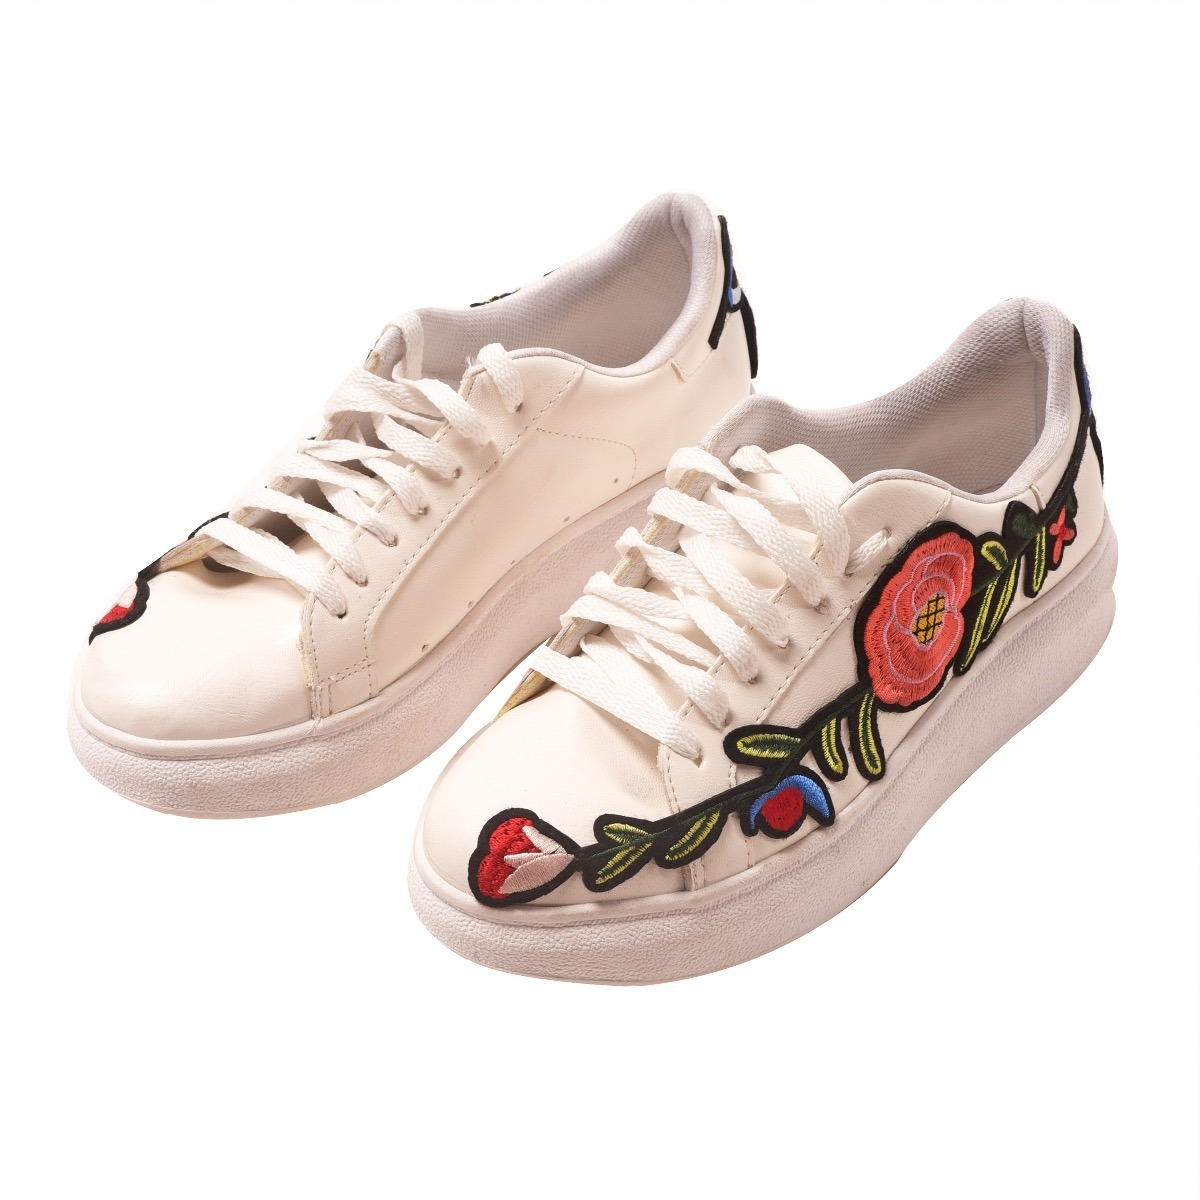 Flores con Suela Blanca y Las Mujeres Zapatillas Beige de Cu?a - 40 tmbcF